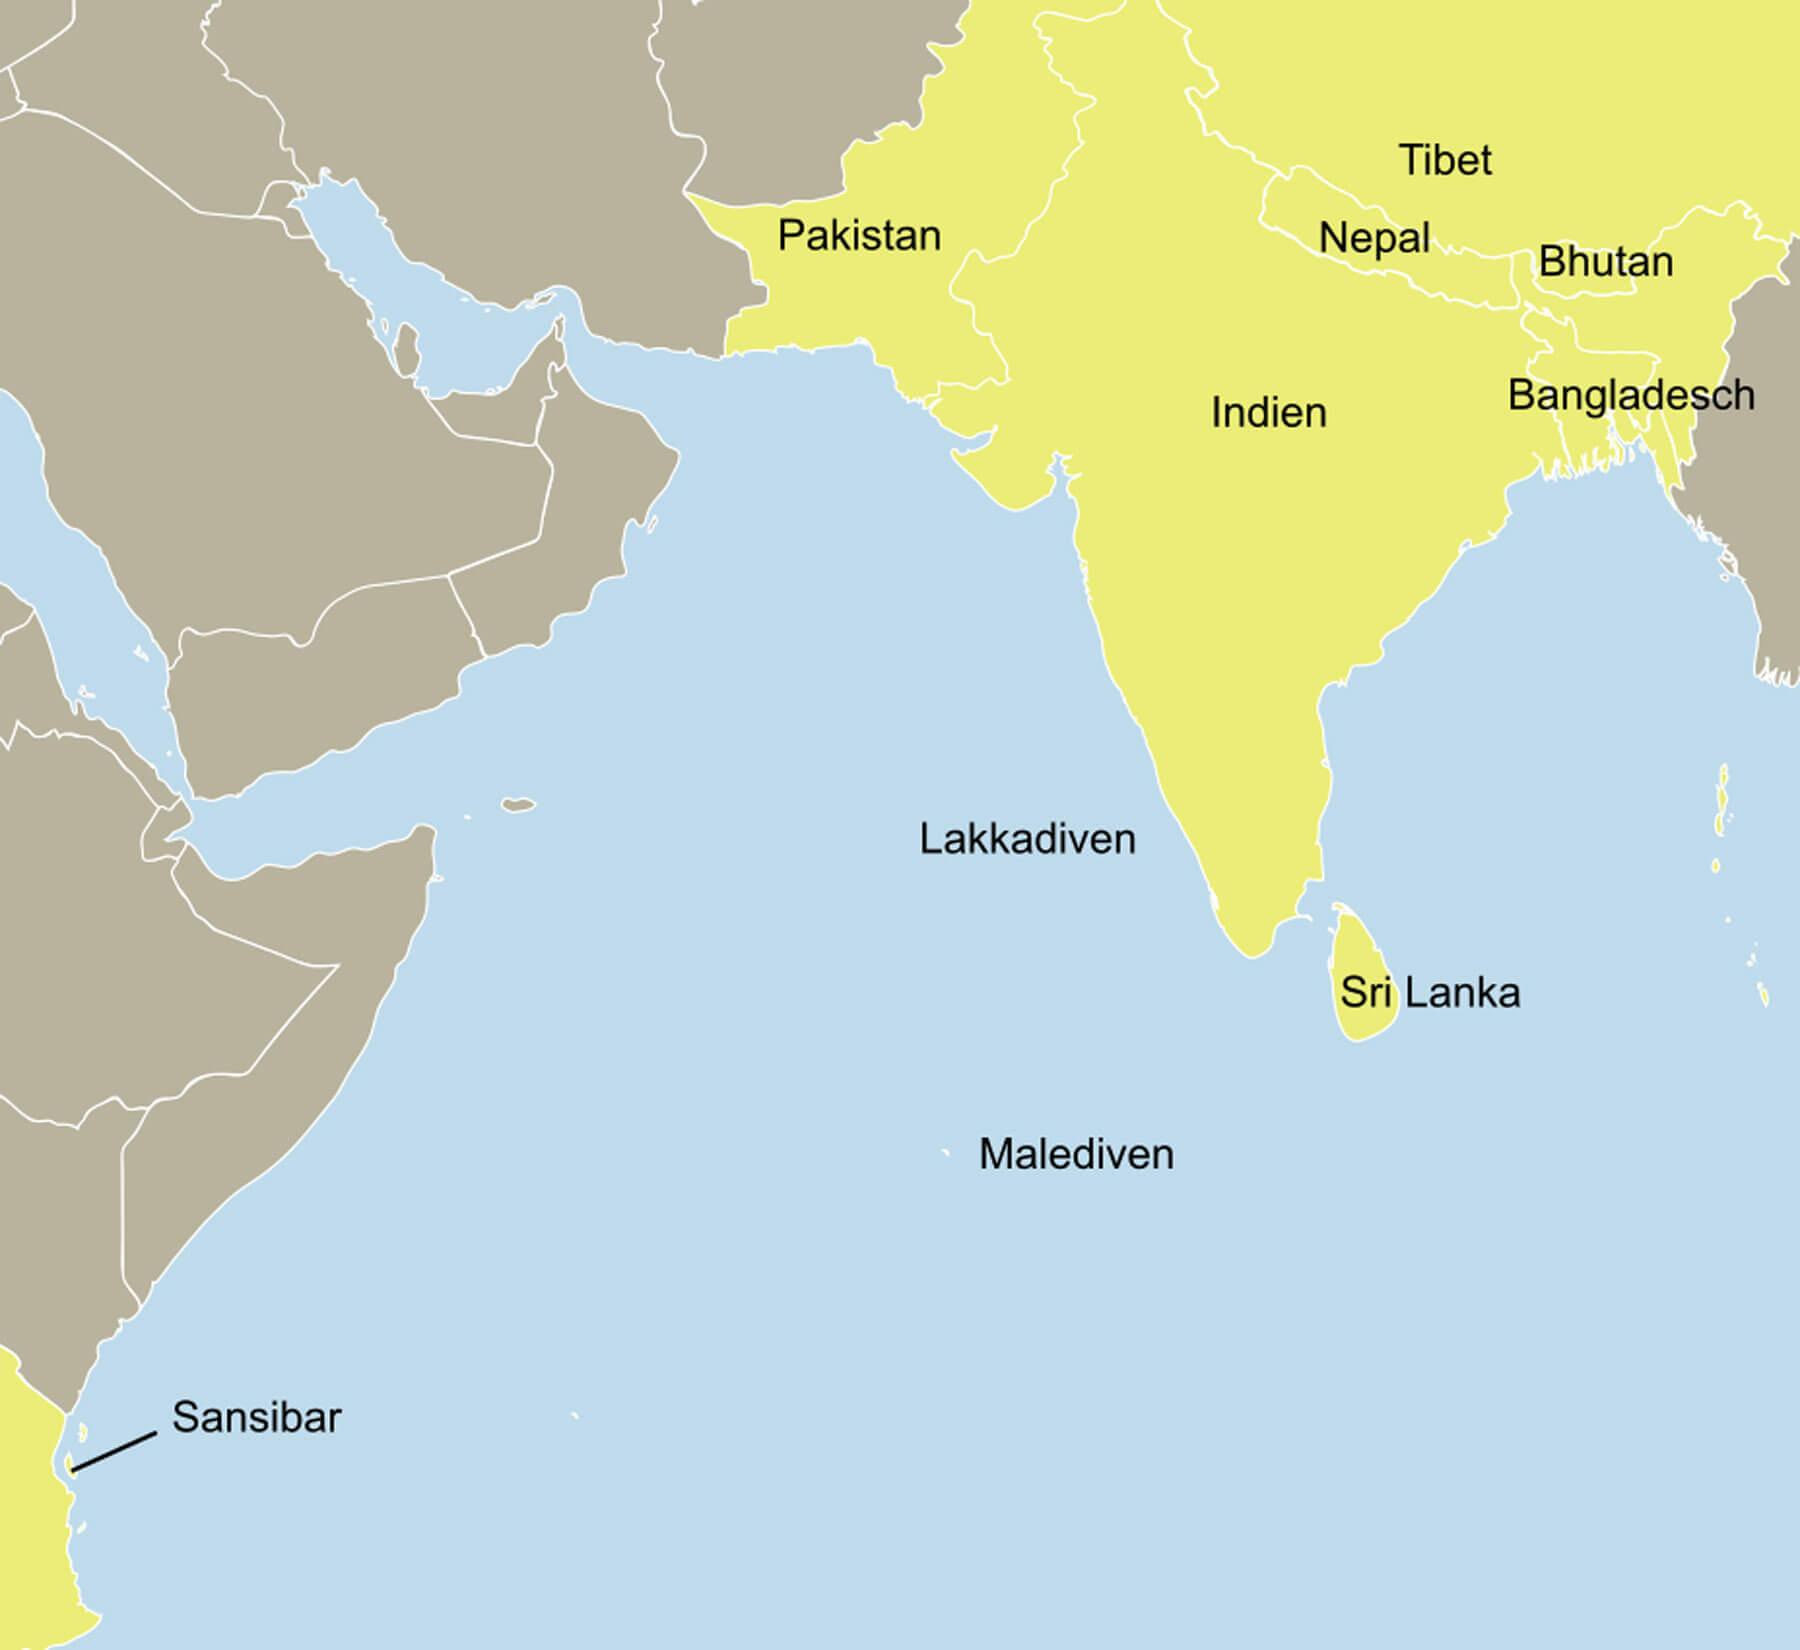 Karte Indischer Subkontinent